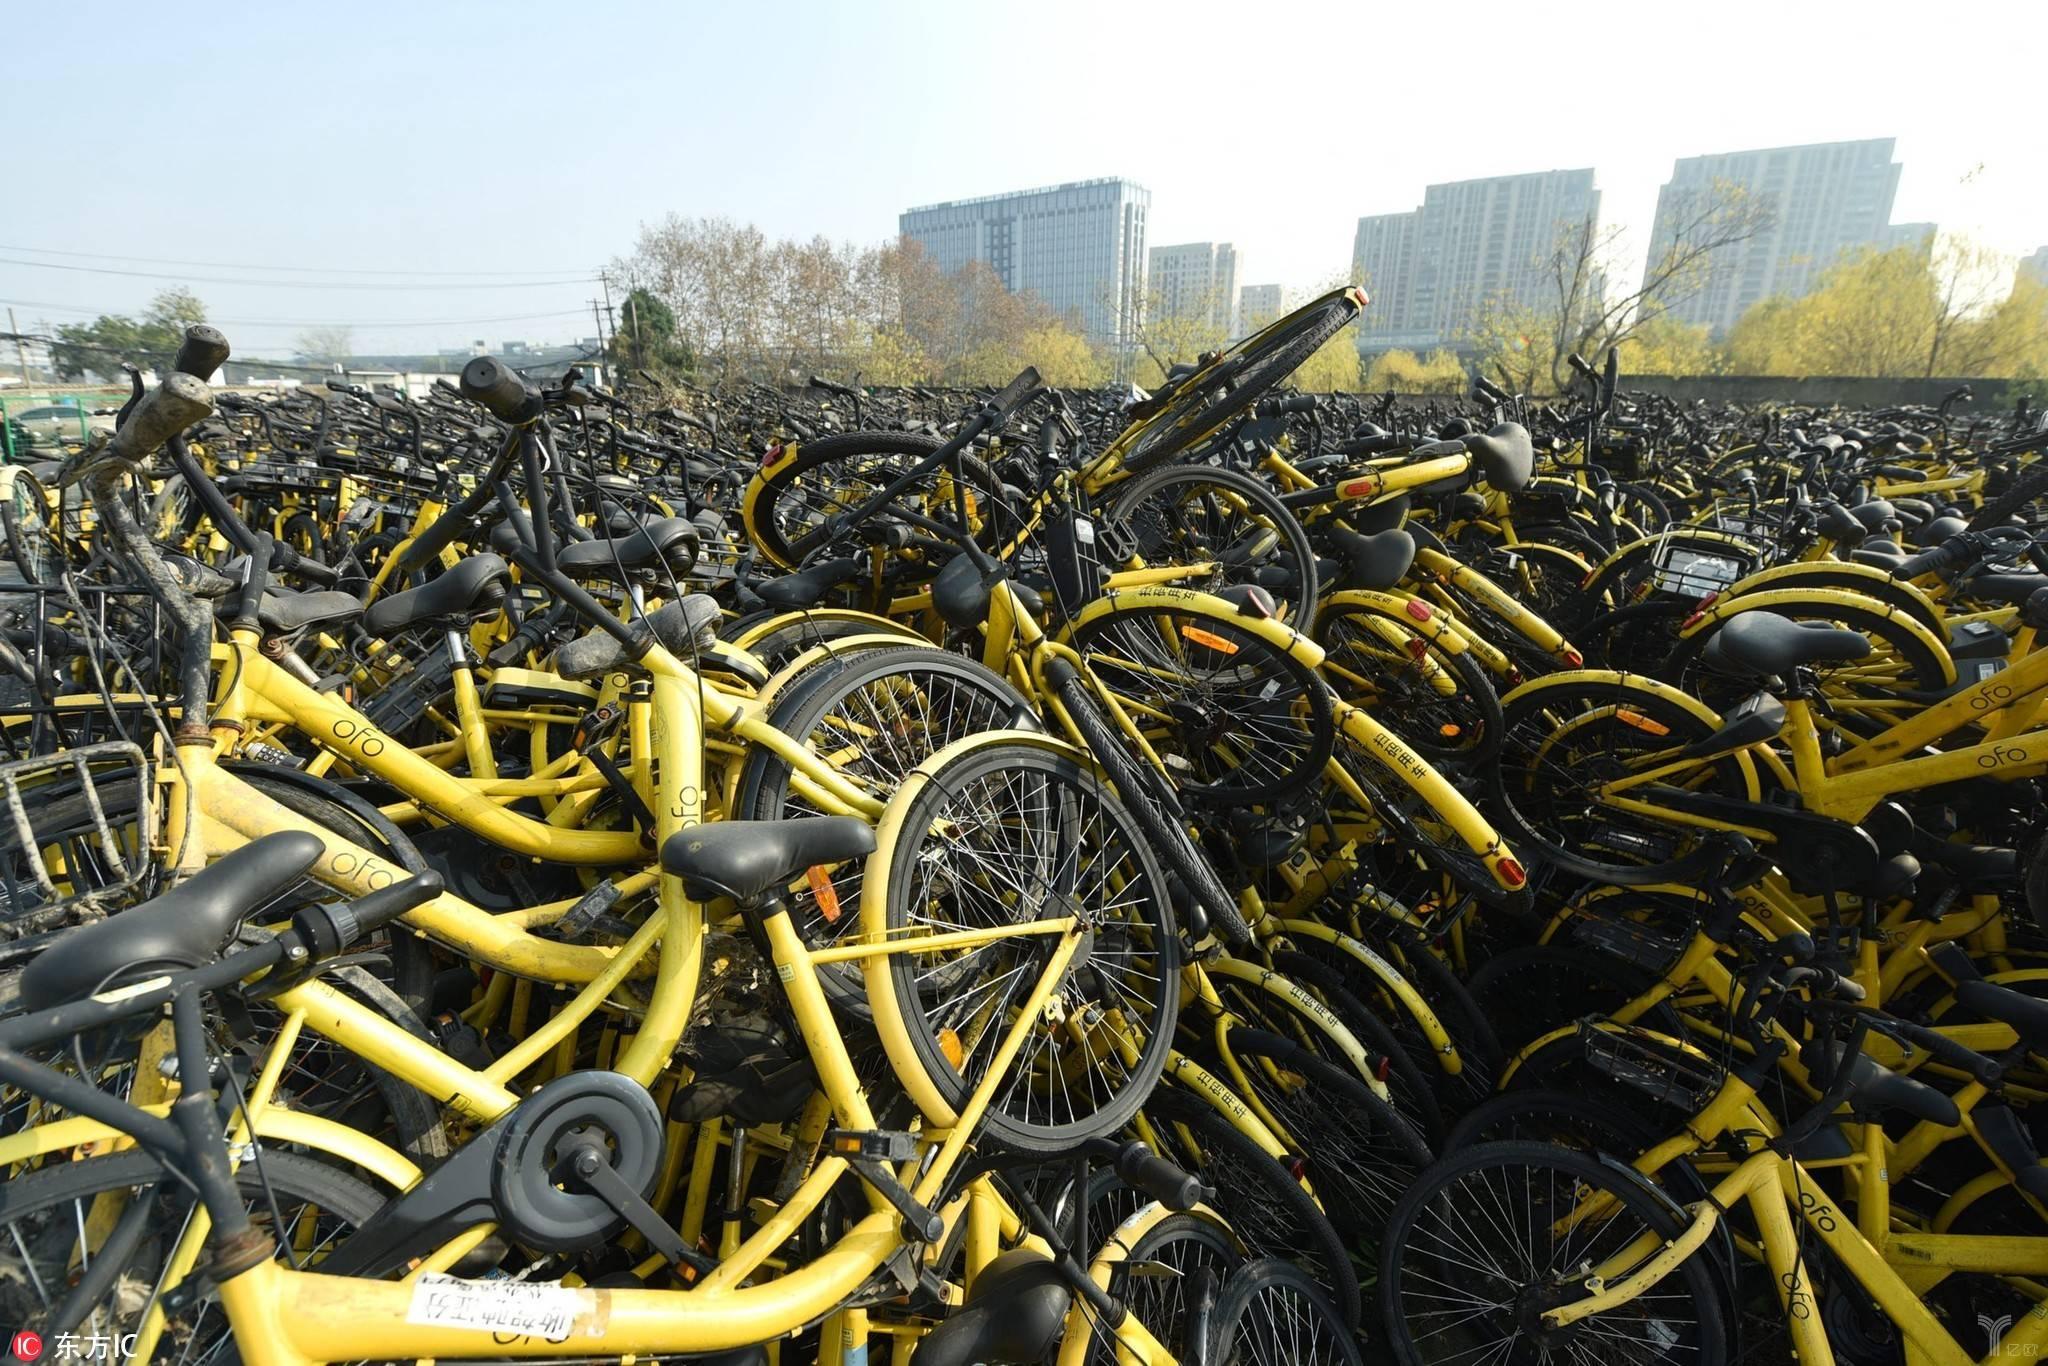 ofo,小黃車,ofo,共享單車